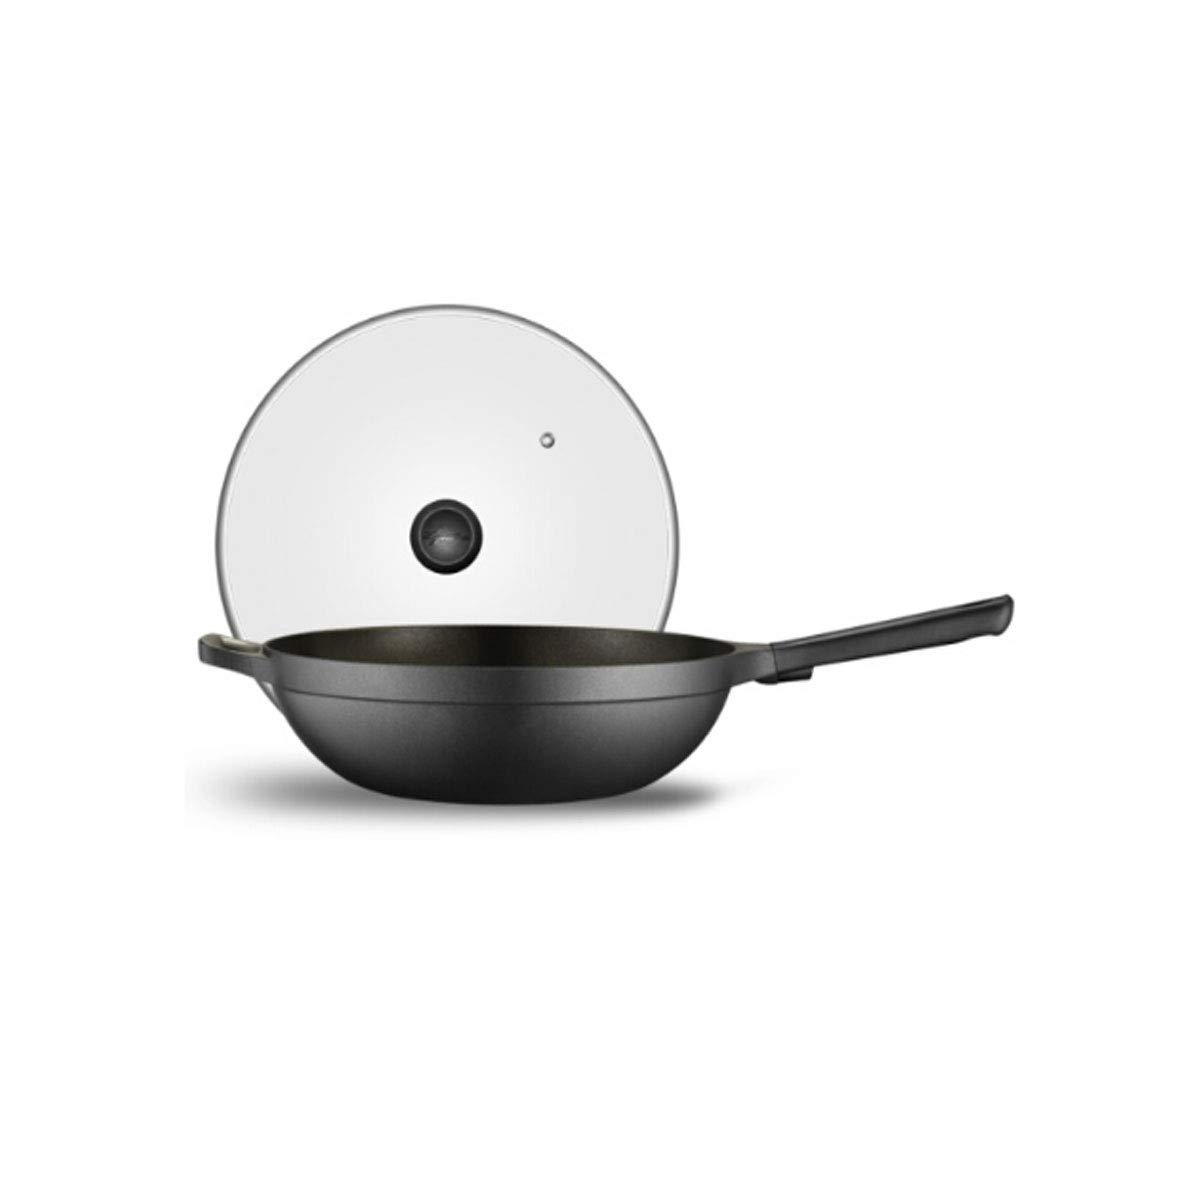 鍋、キッチンの標準の12.8インチ鋳鉄製の中華なべ、平底の焦げ付き防止の中華なべ、黒 (Color : Black)  Black B07QNTZR33